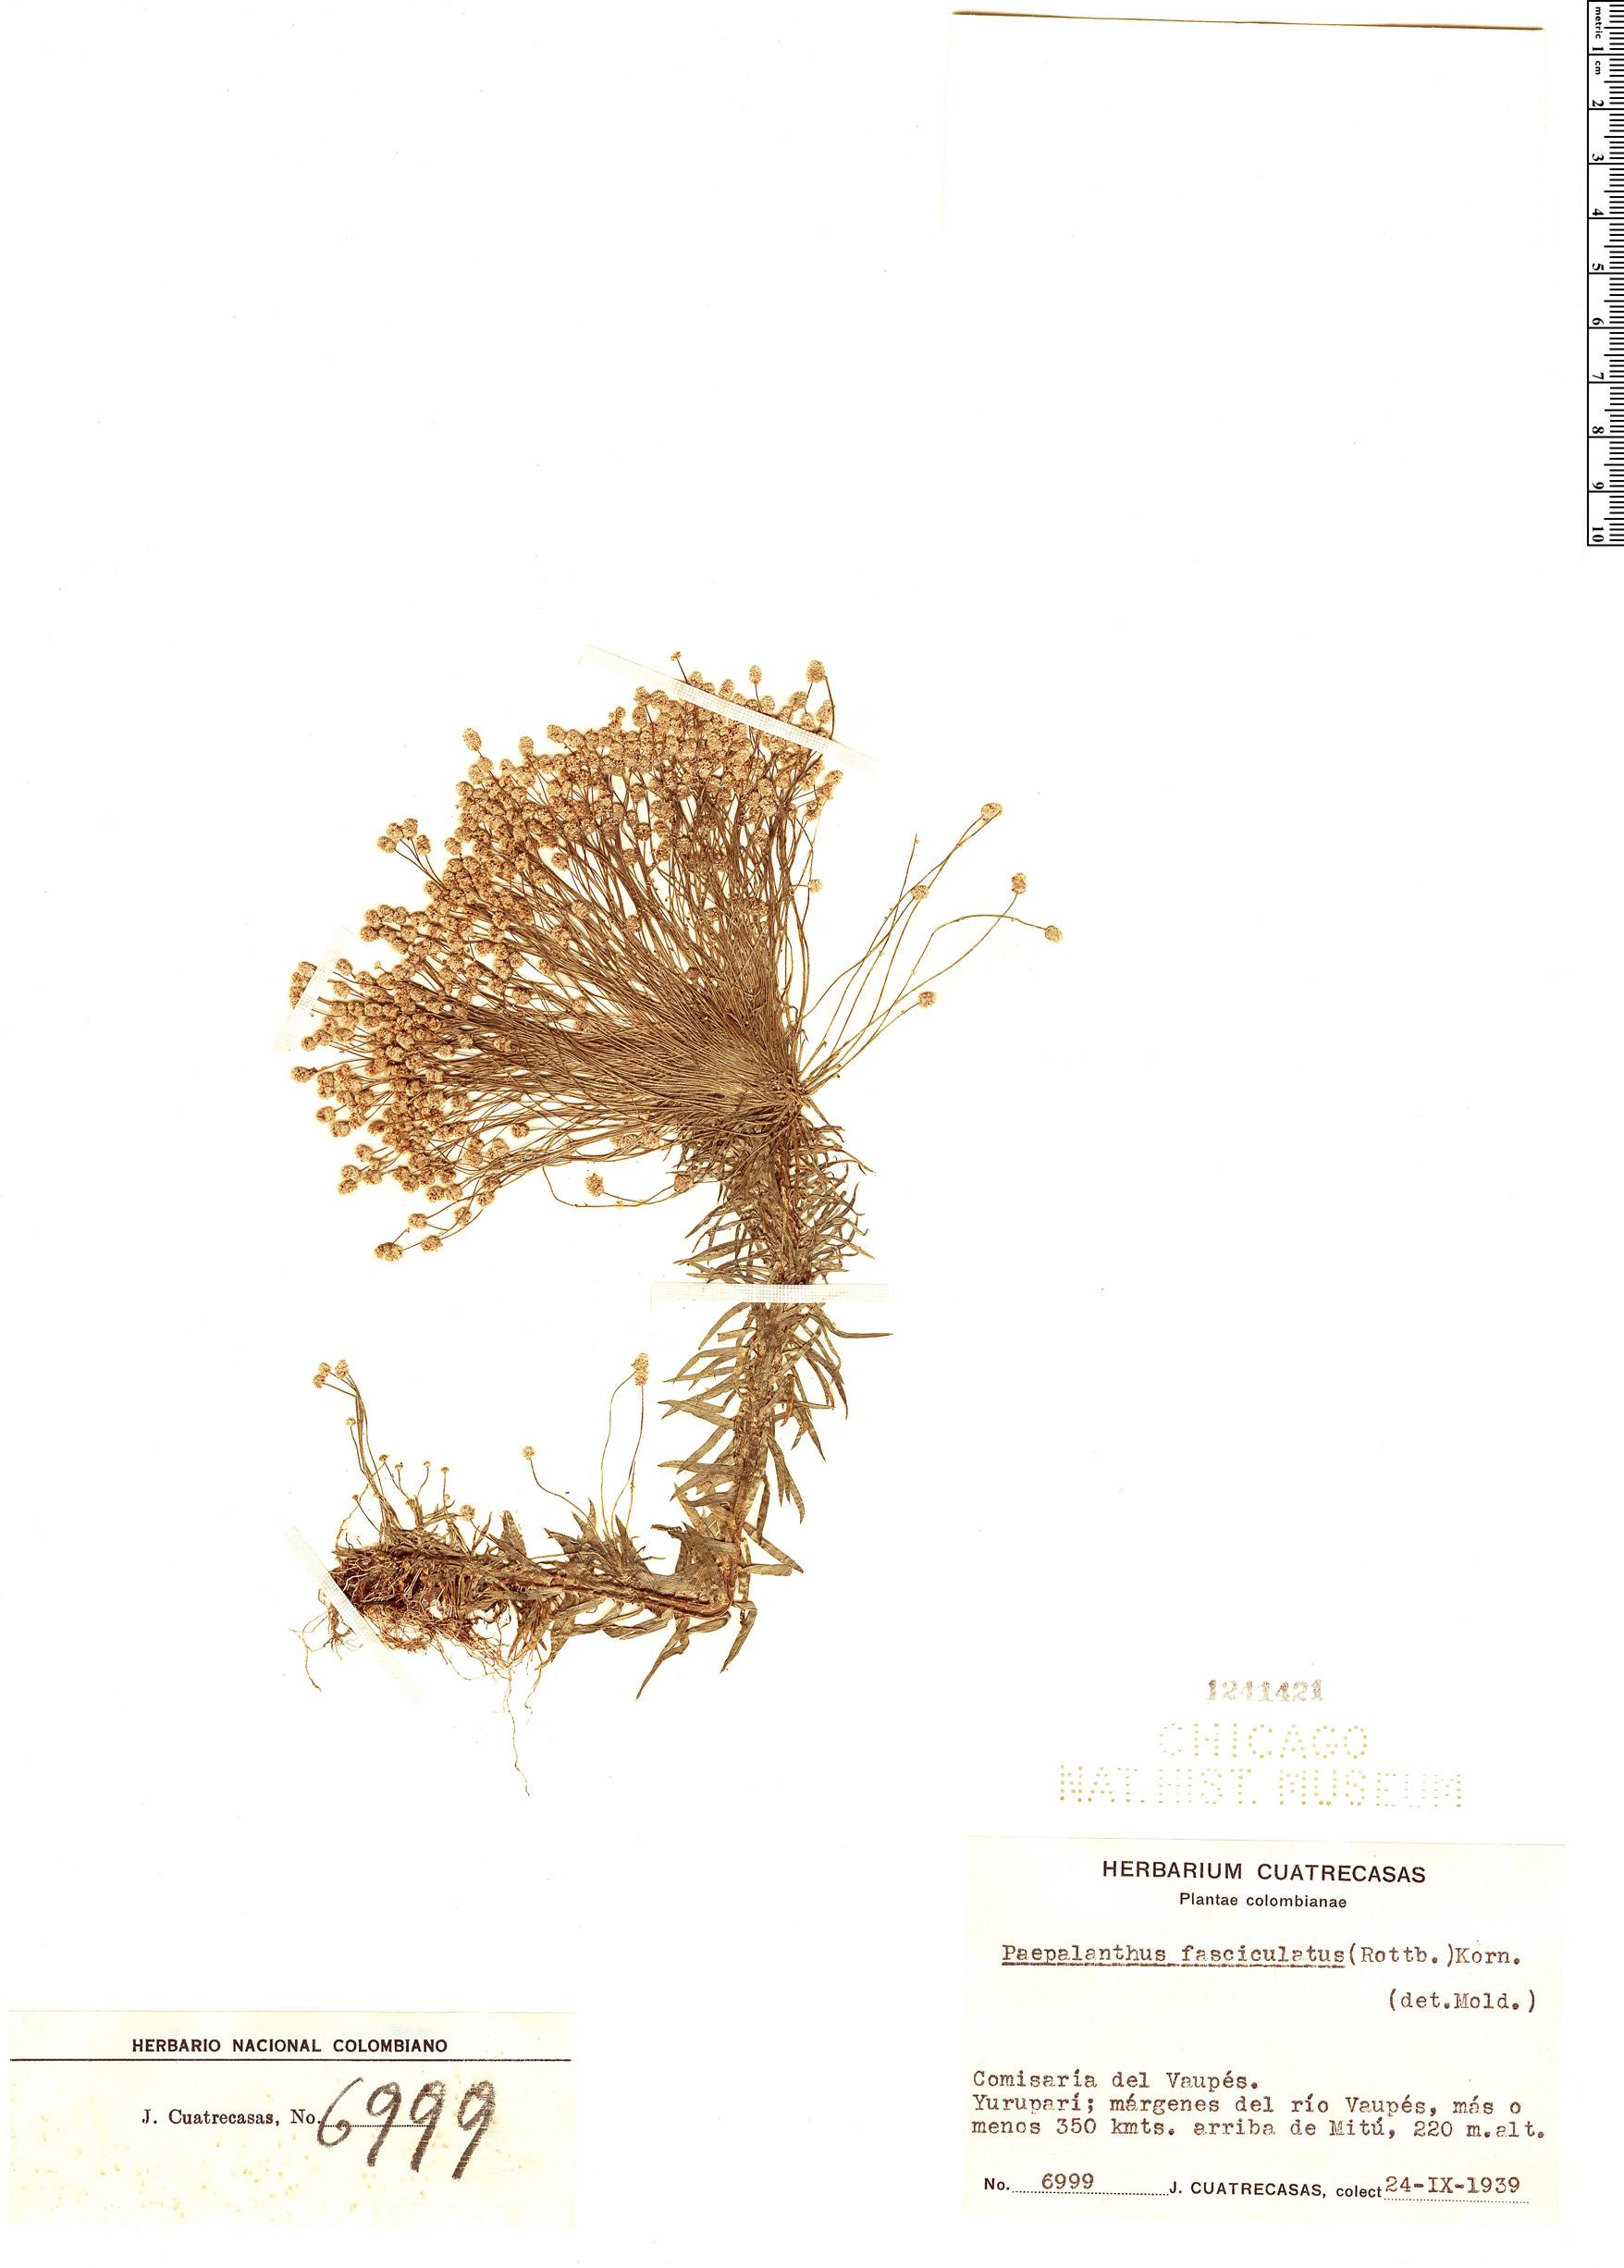 Specimen: Paepalanthus fasciculatus